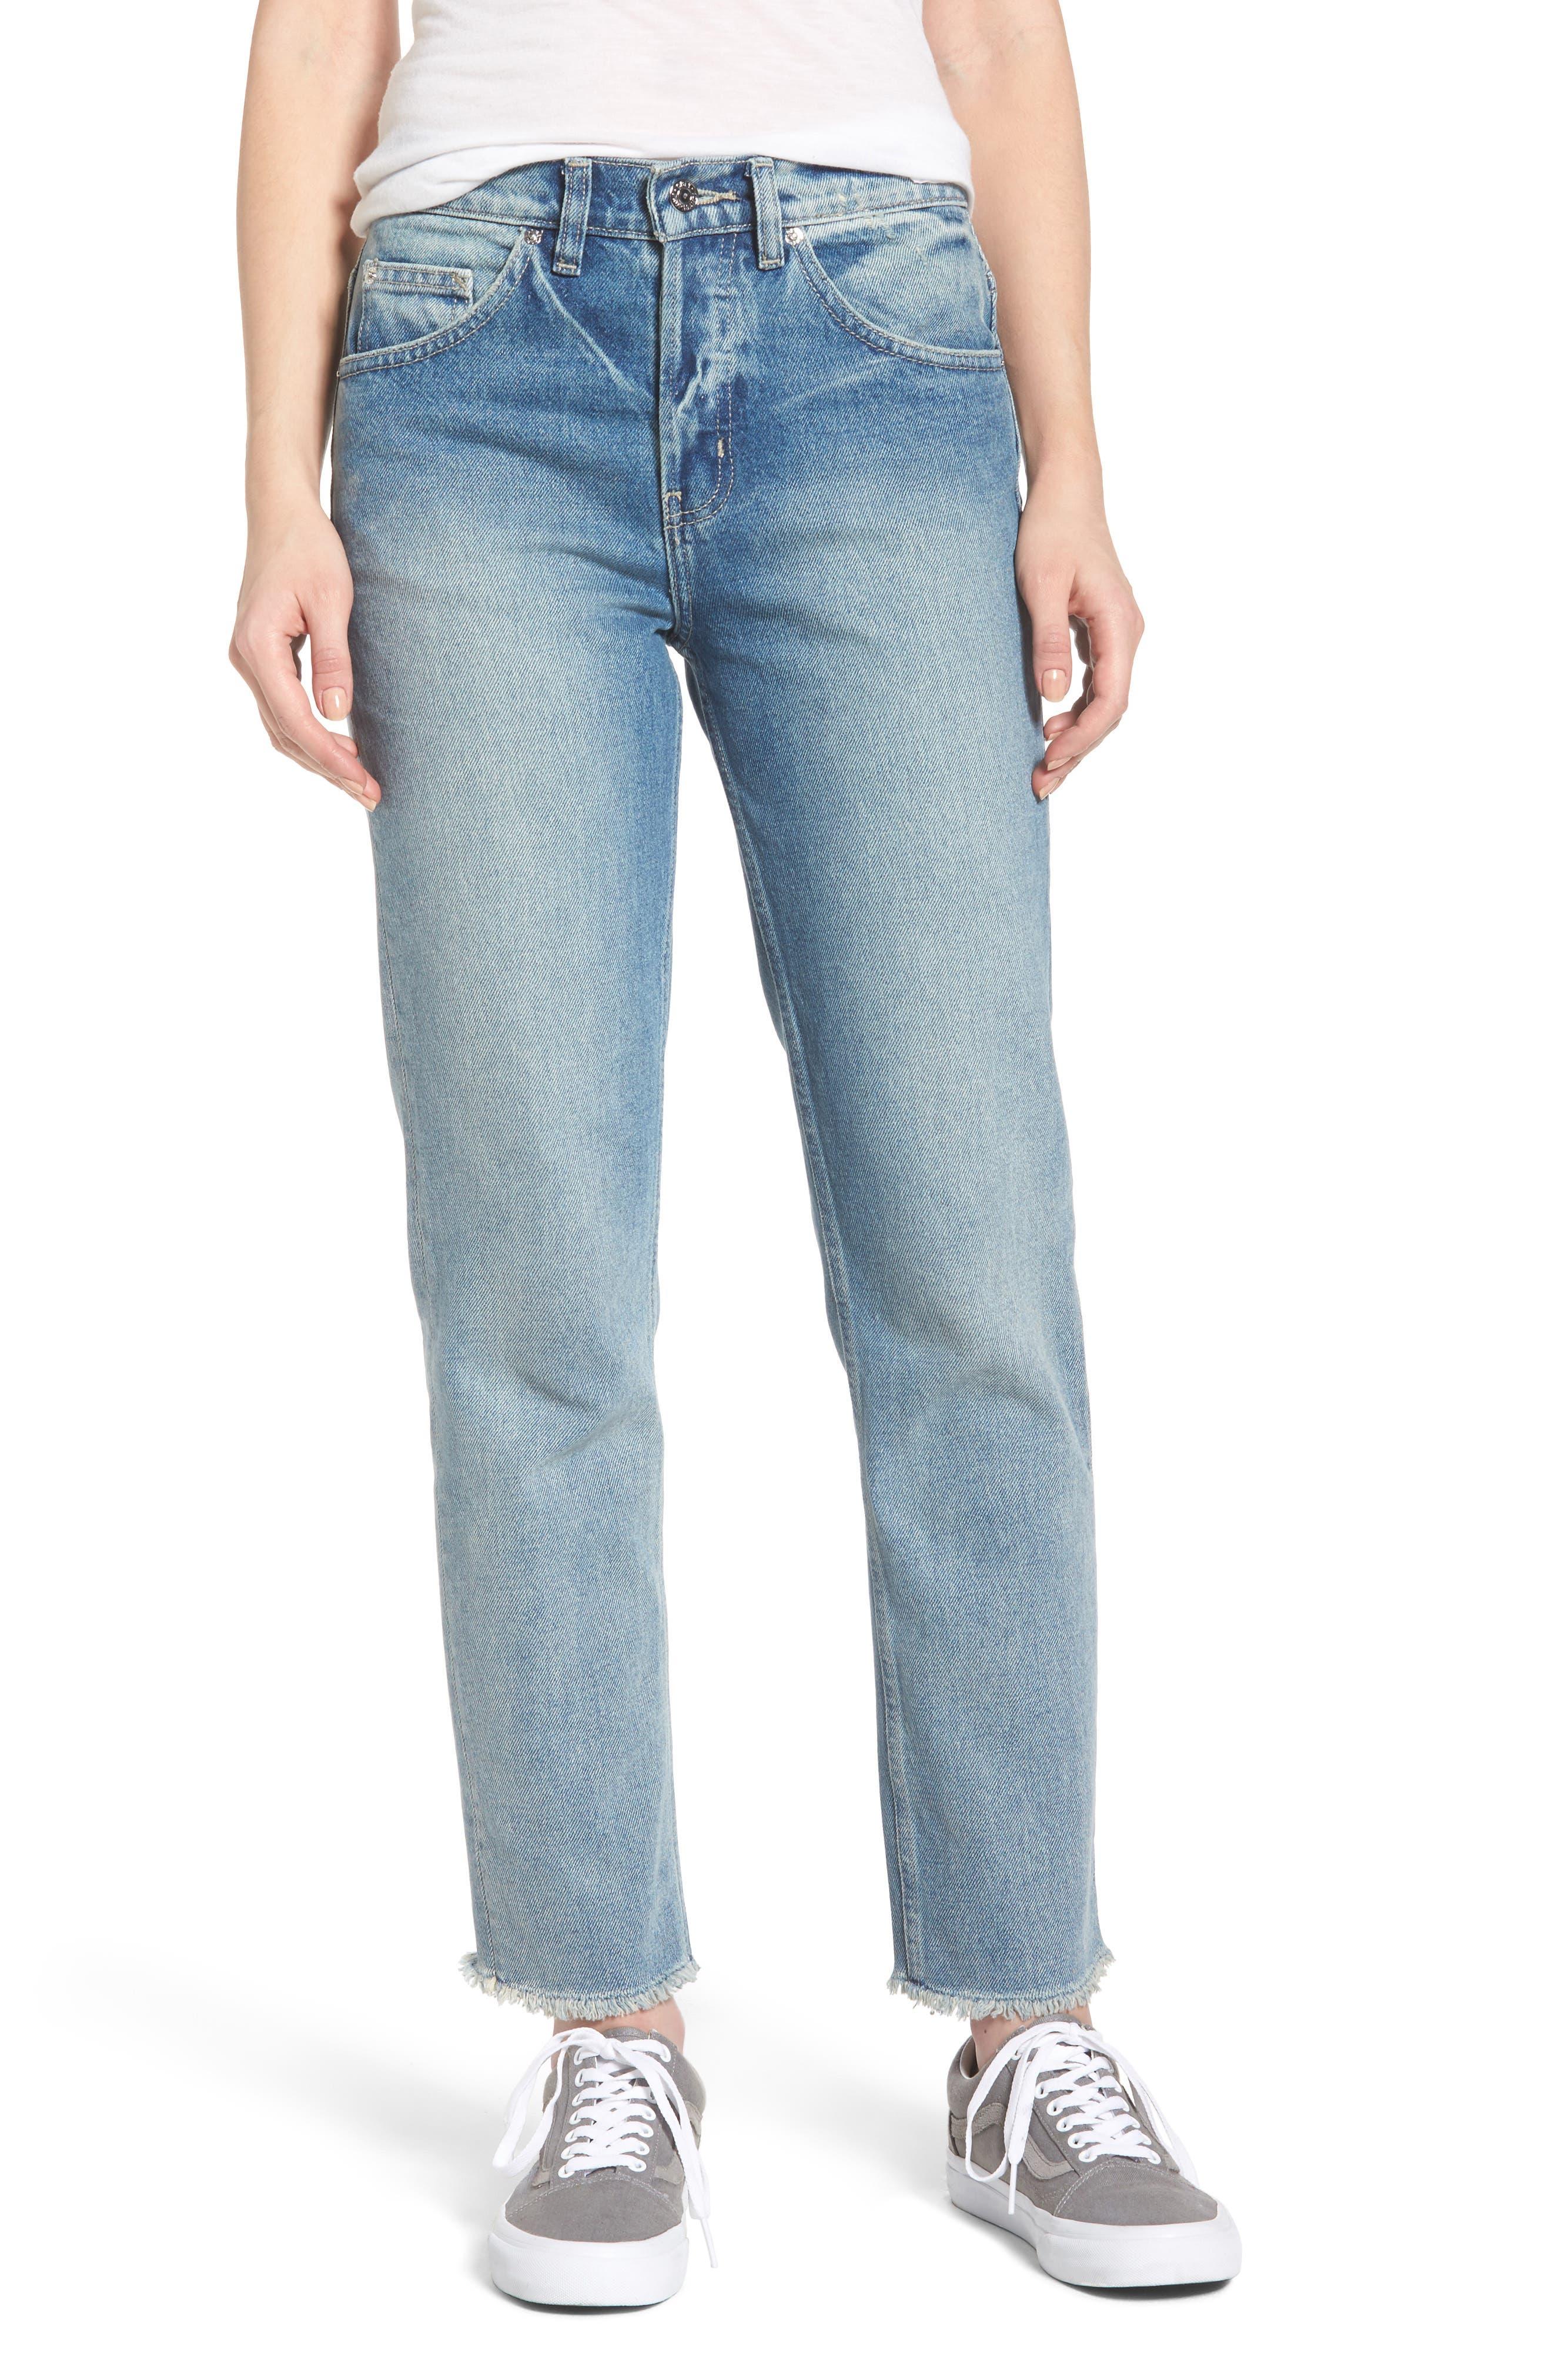 Sundays Straggler High Waist Jeans,                         Main,                         color,